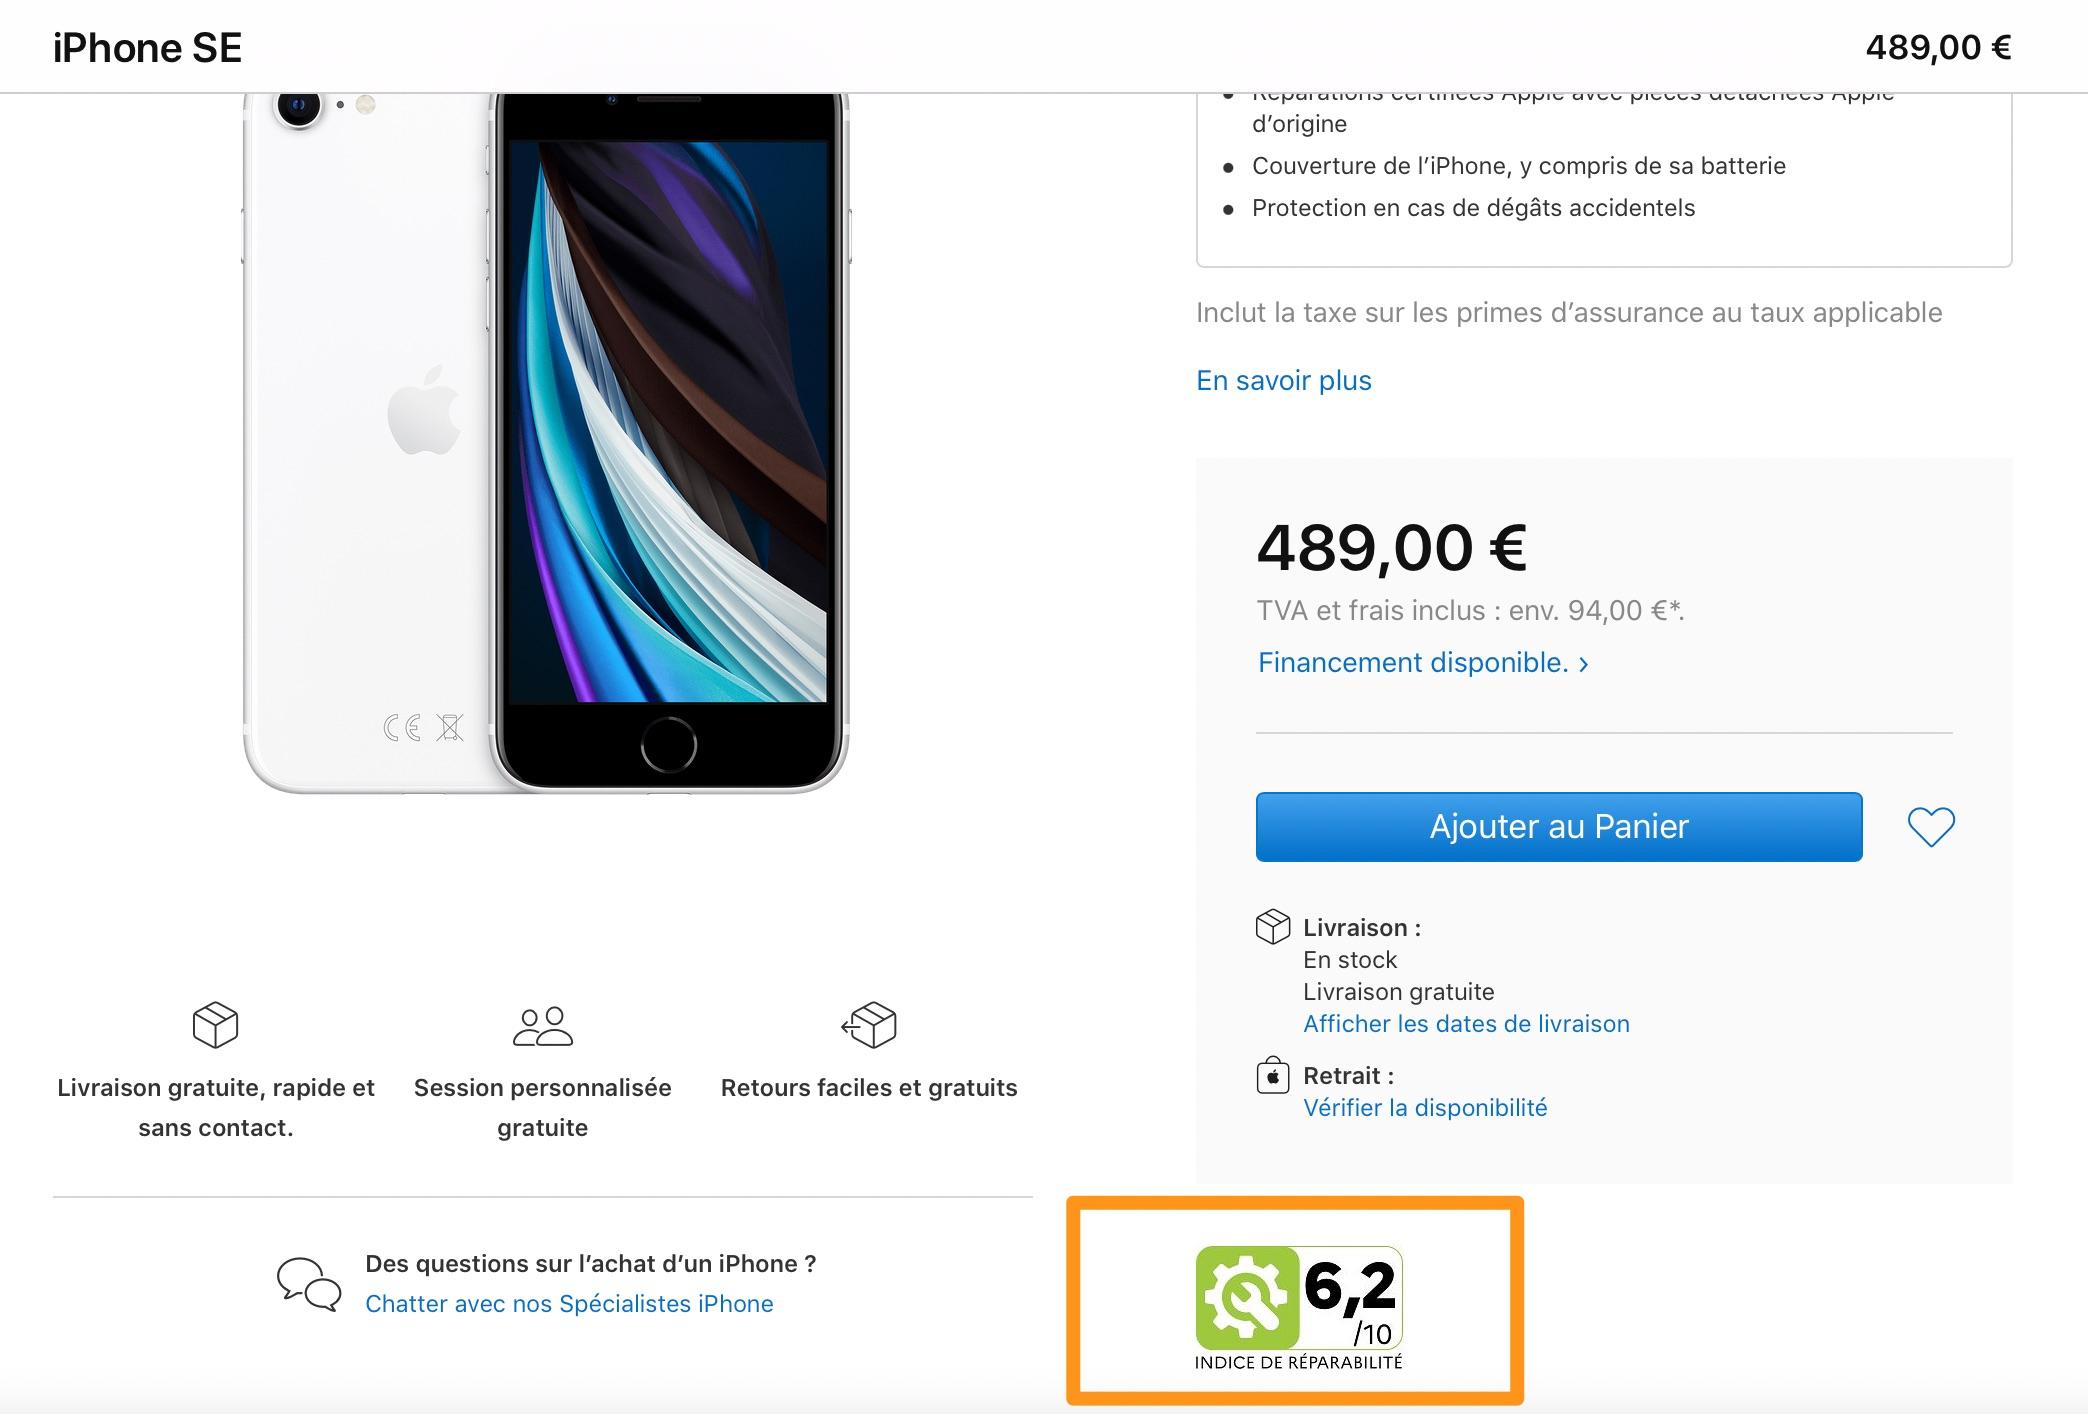 Puntuación de reparabilidad en la web de Apple en Francia